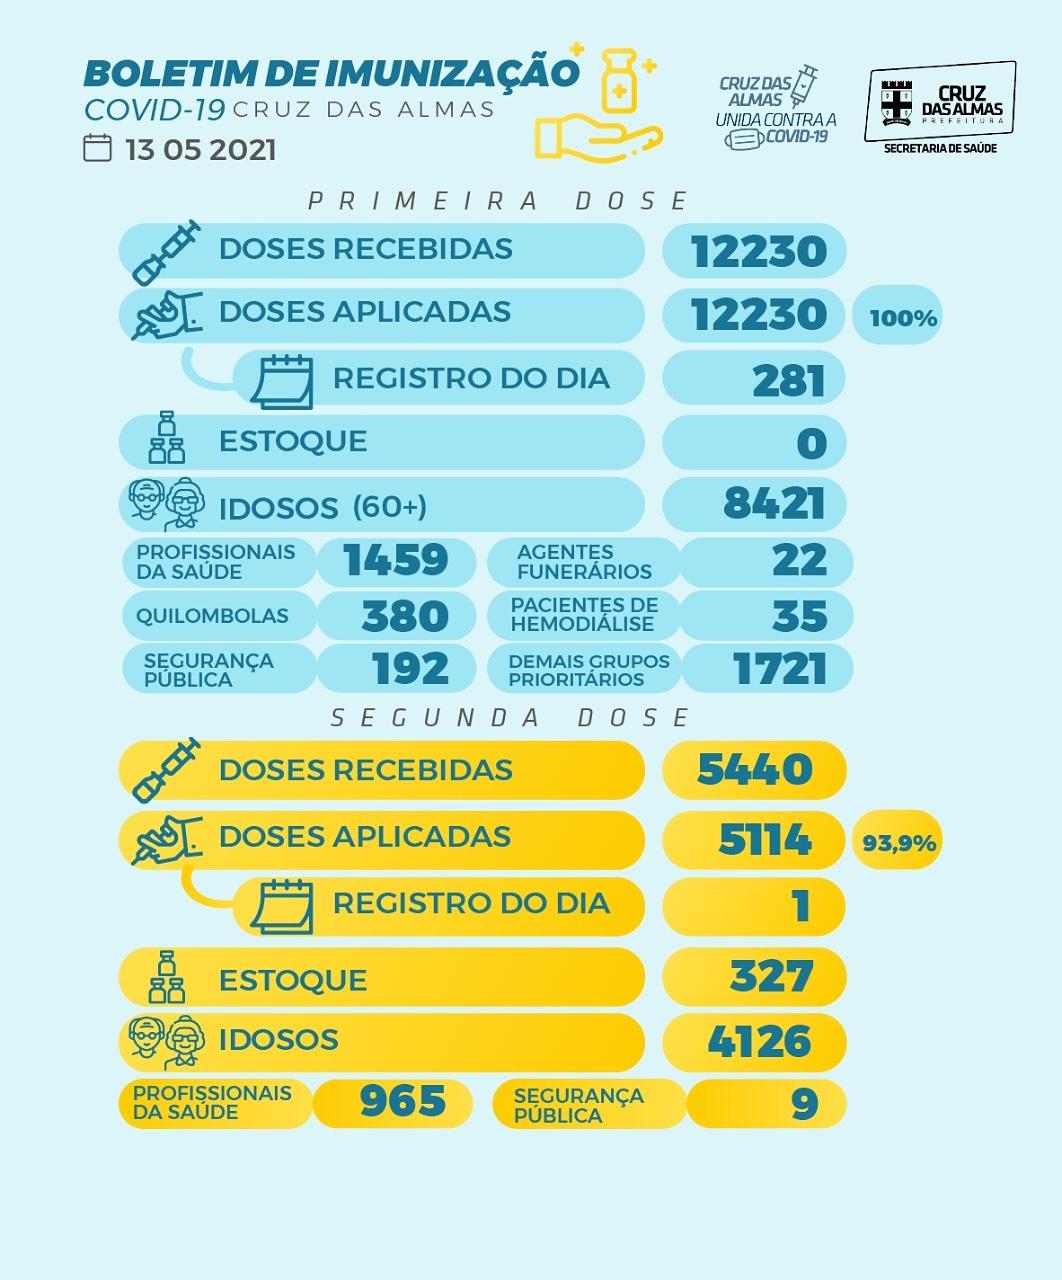 BOLETIM DE IMUNIZAÇÃO 13/05/2021